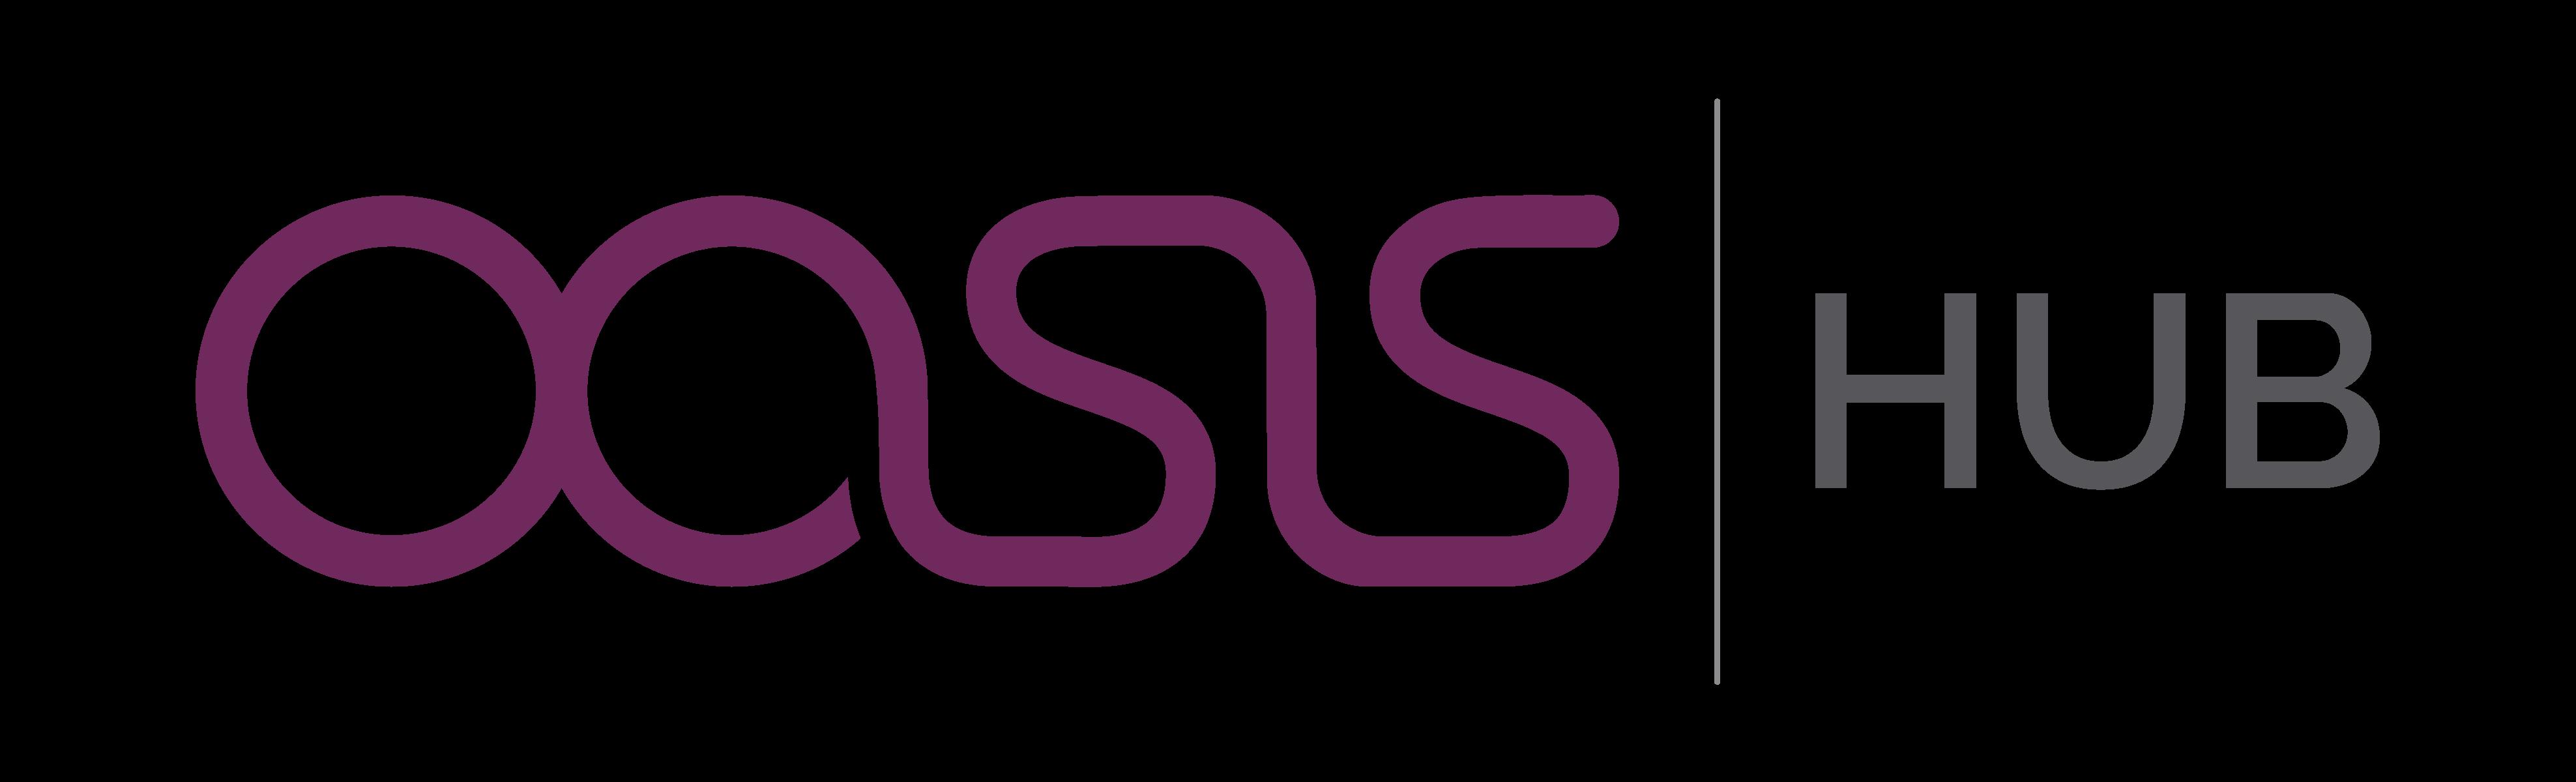 Datasets - OasisHUB